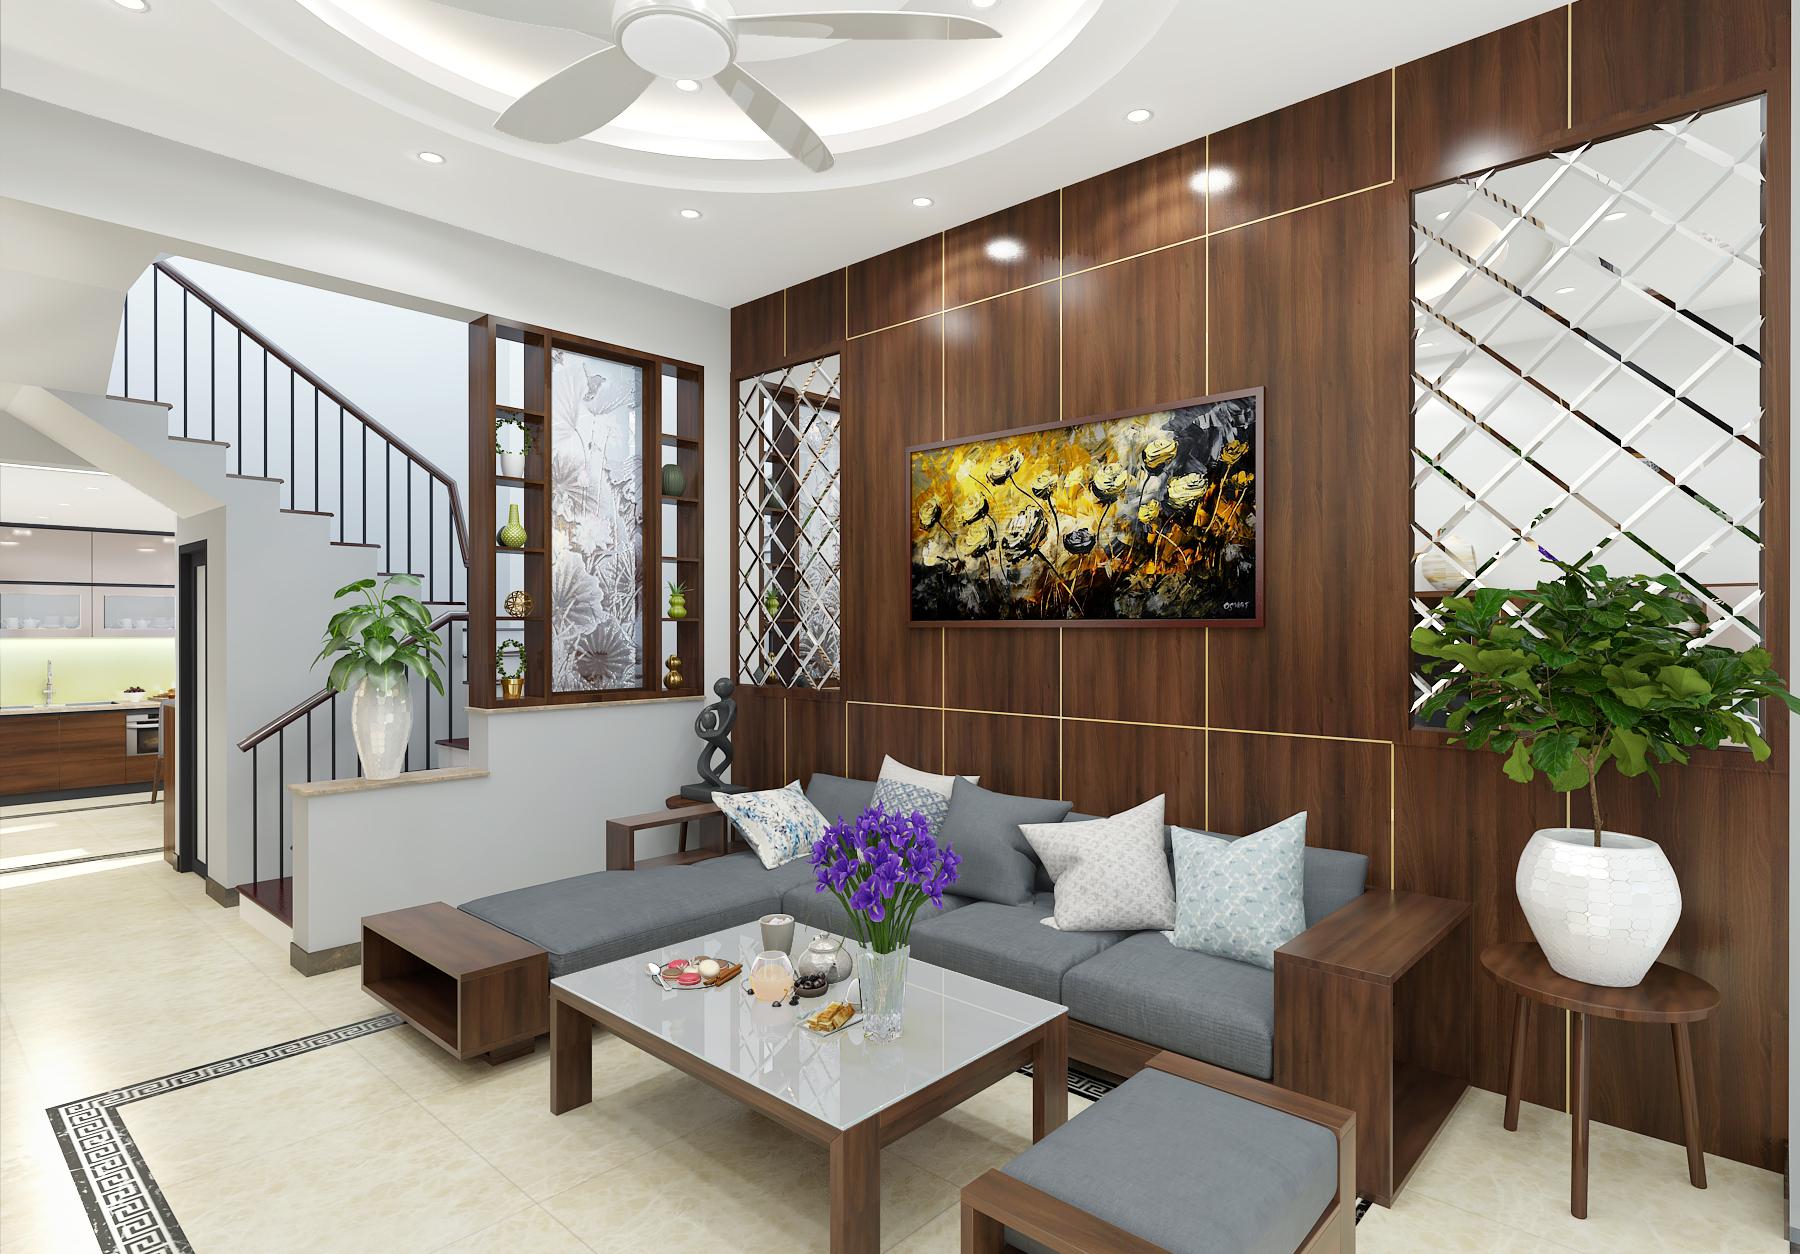 Màu trắng sạch sẽ, tinh khiết kết hợp đường chỉ gạch sẽ tạo điểm nhấn mới lạ cho không gian phòng khách